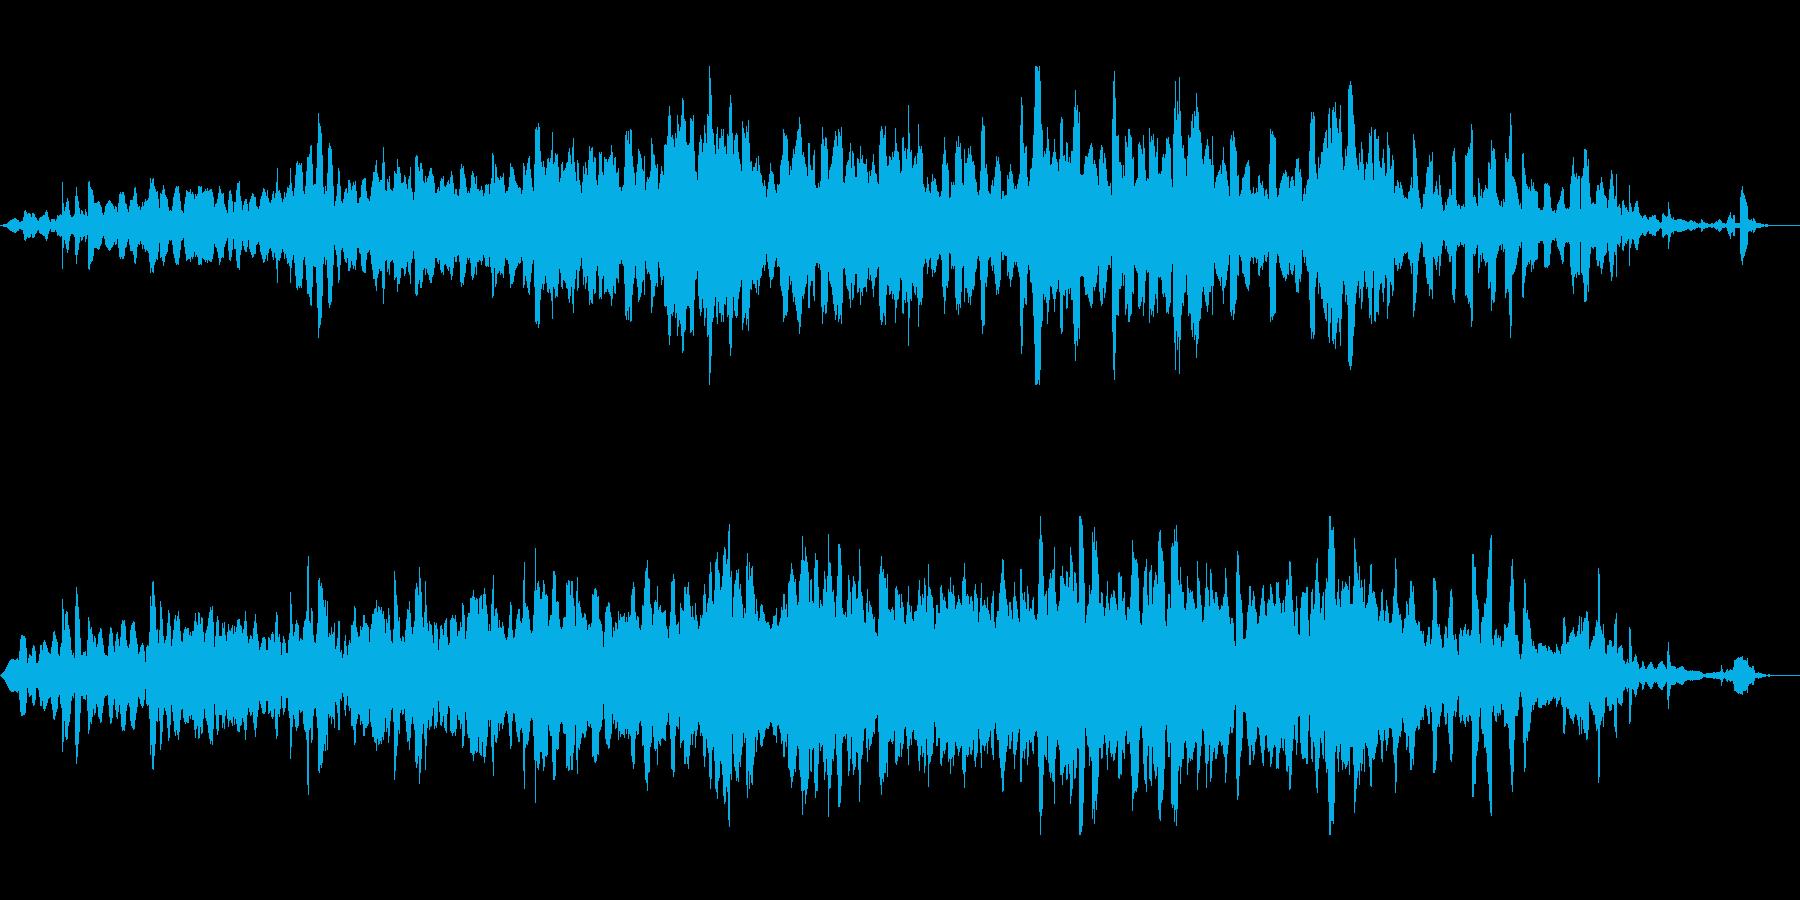 透明感のある静かなピアノとストリングの曲の再生済みの波形